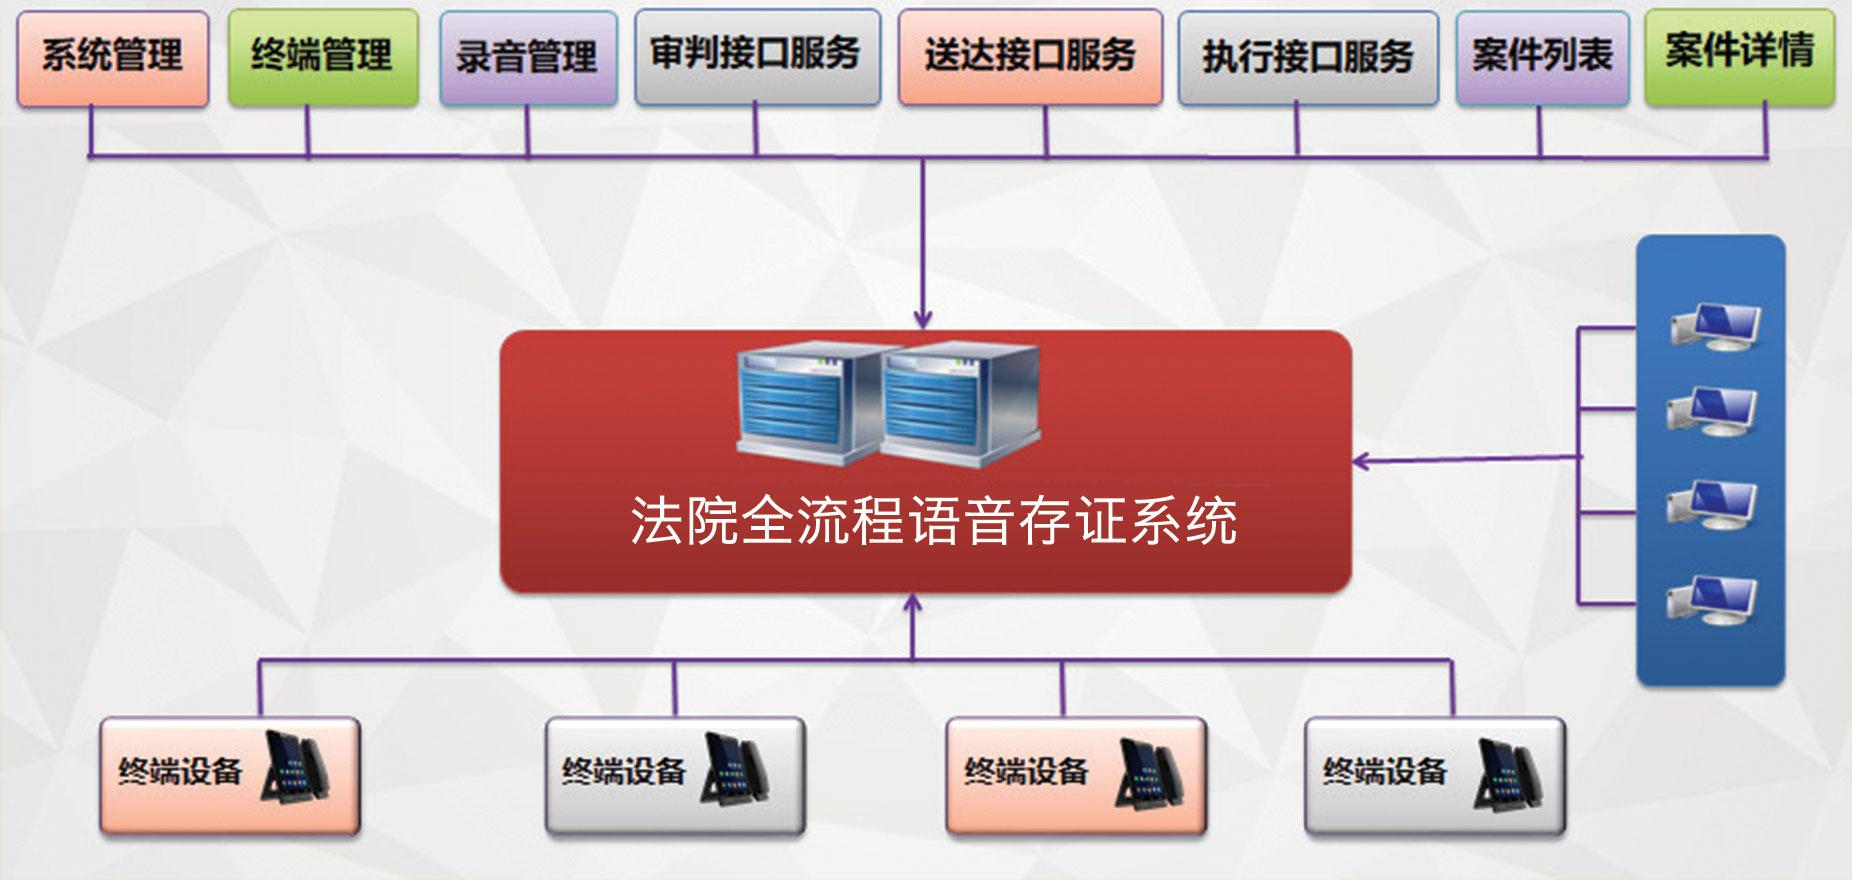 法院存证系统.jpg